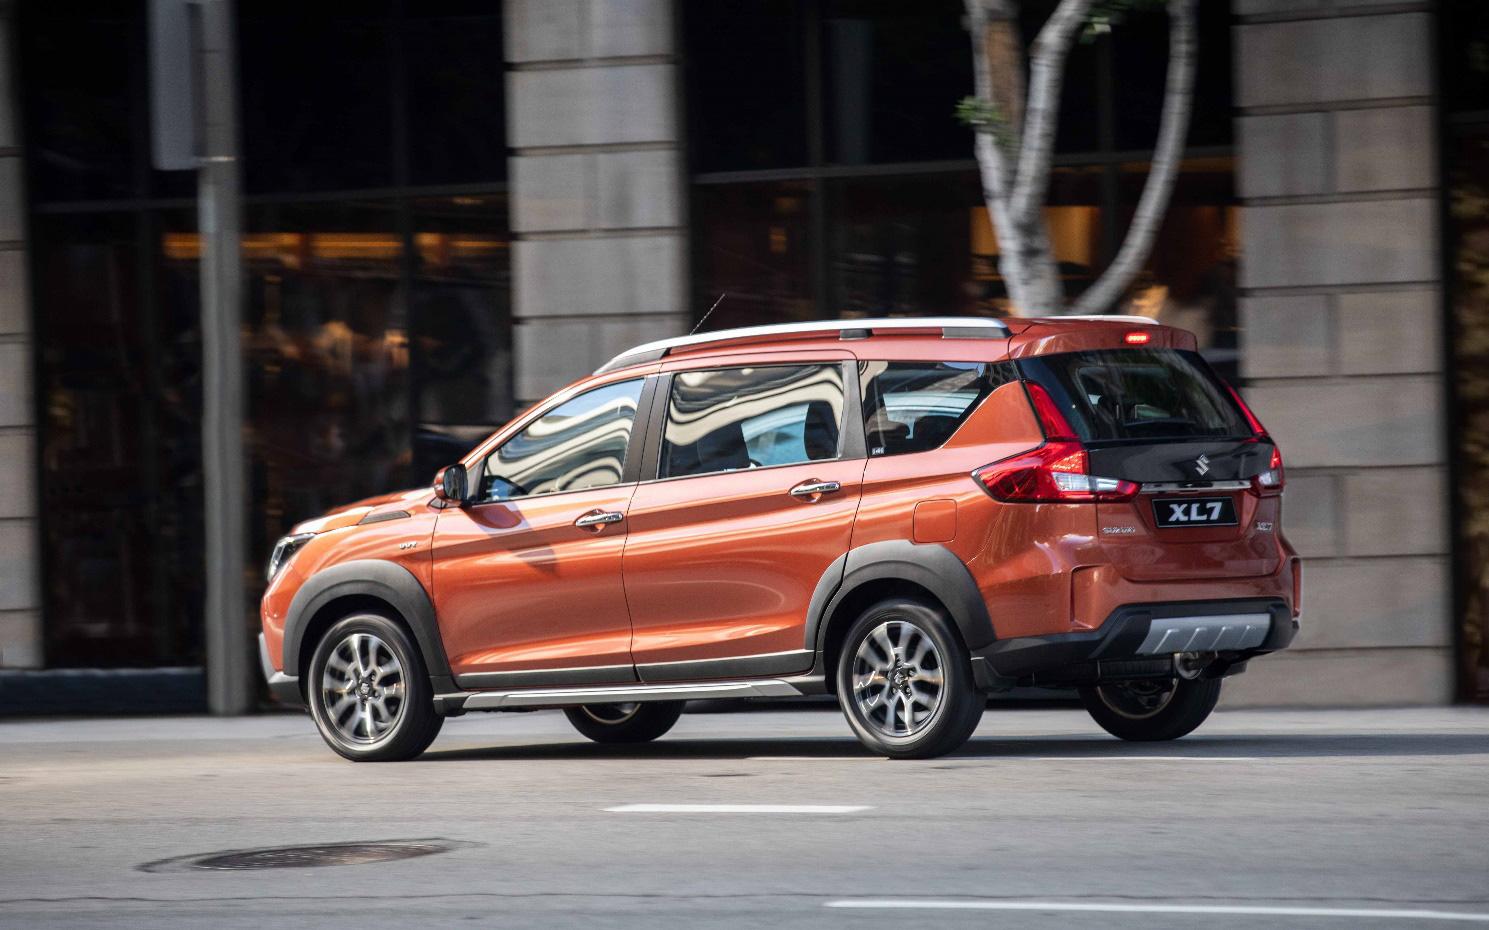 Suzuki lắng nghe phản hồi từ khách hàng, thay đổi từ sản phẩm đến dịch vụ